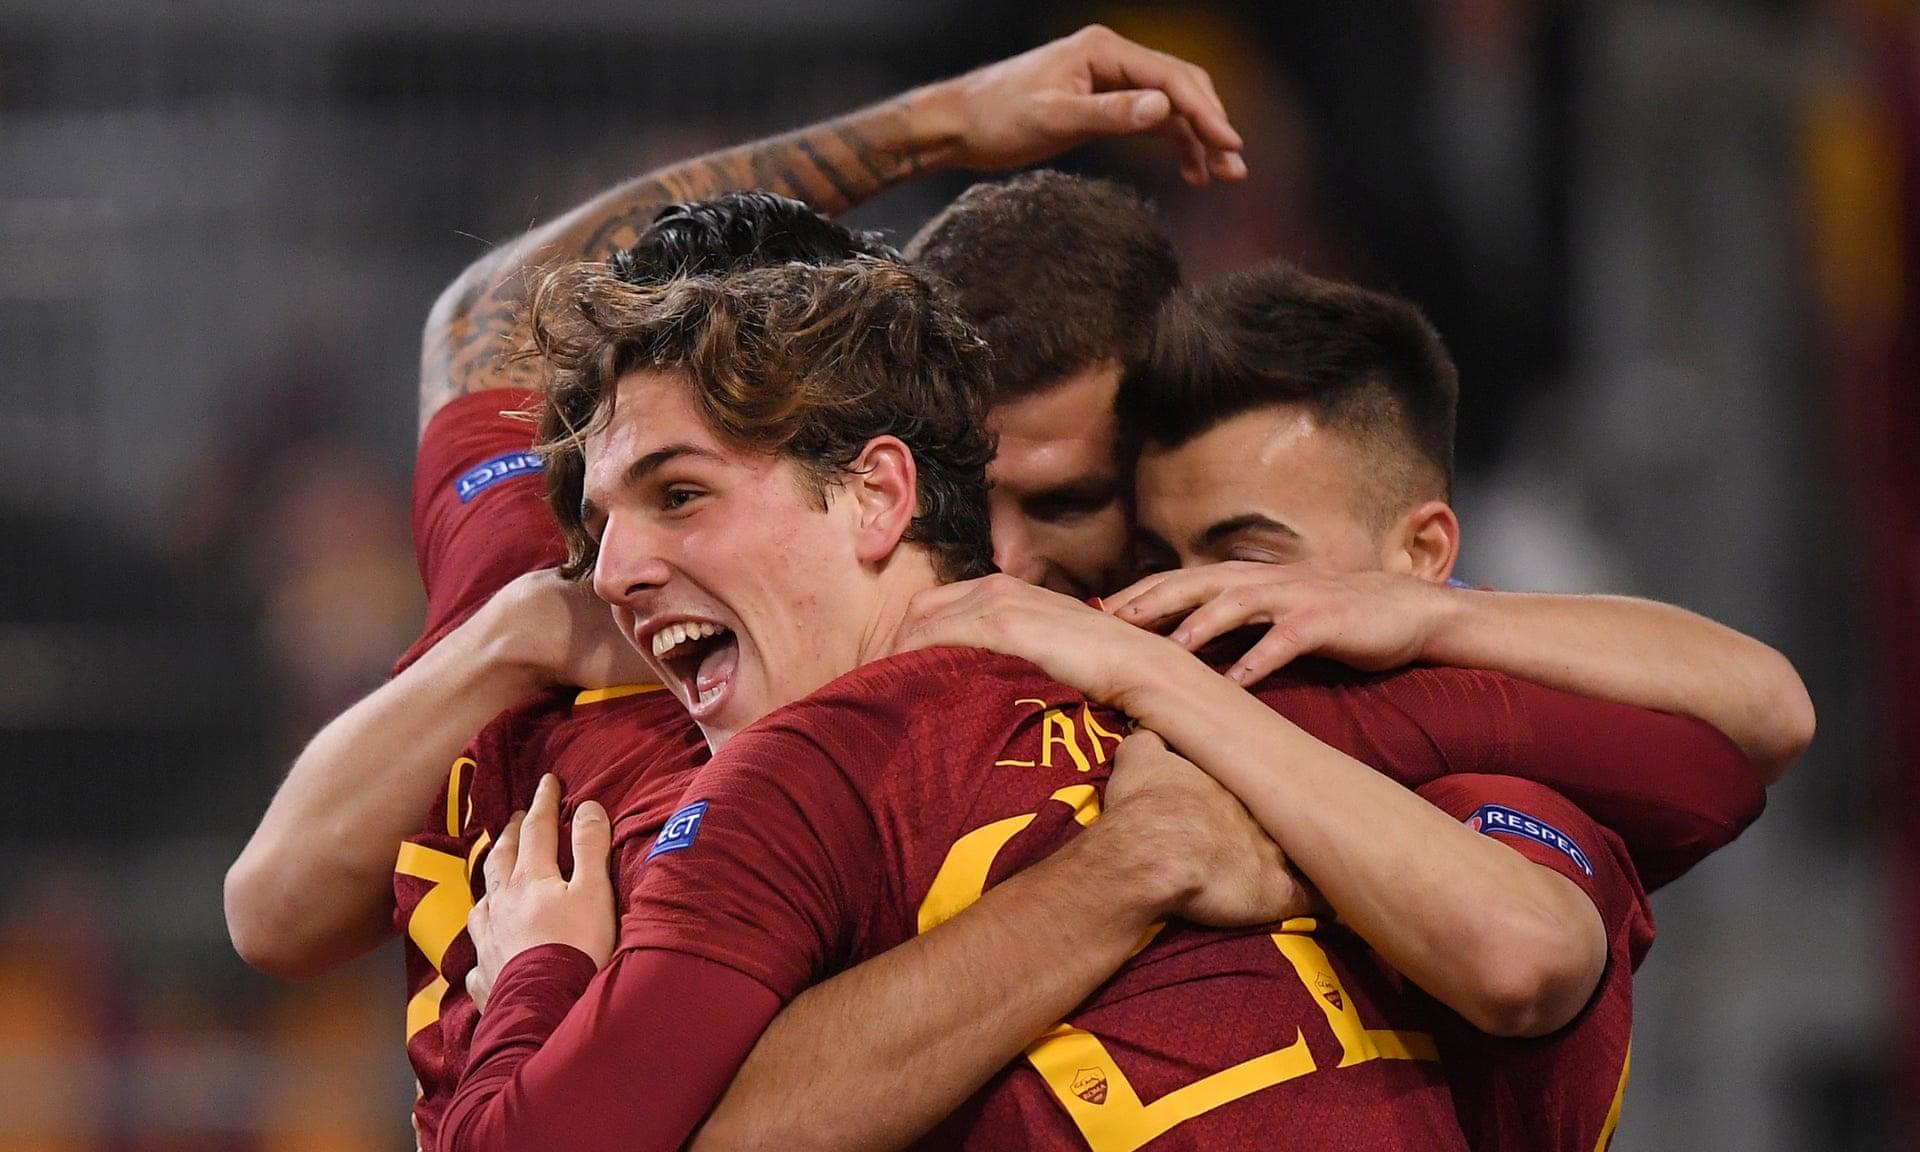 Ρόμα-Πόρτο 2-1: Ο Τζιανόλο της έδωσε το προβάδισμα! - Sportime.GR